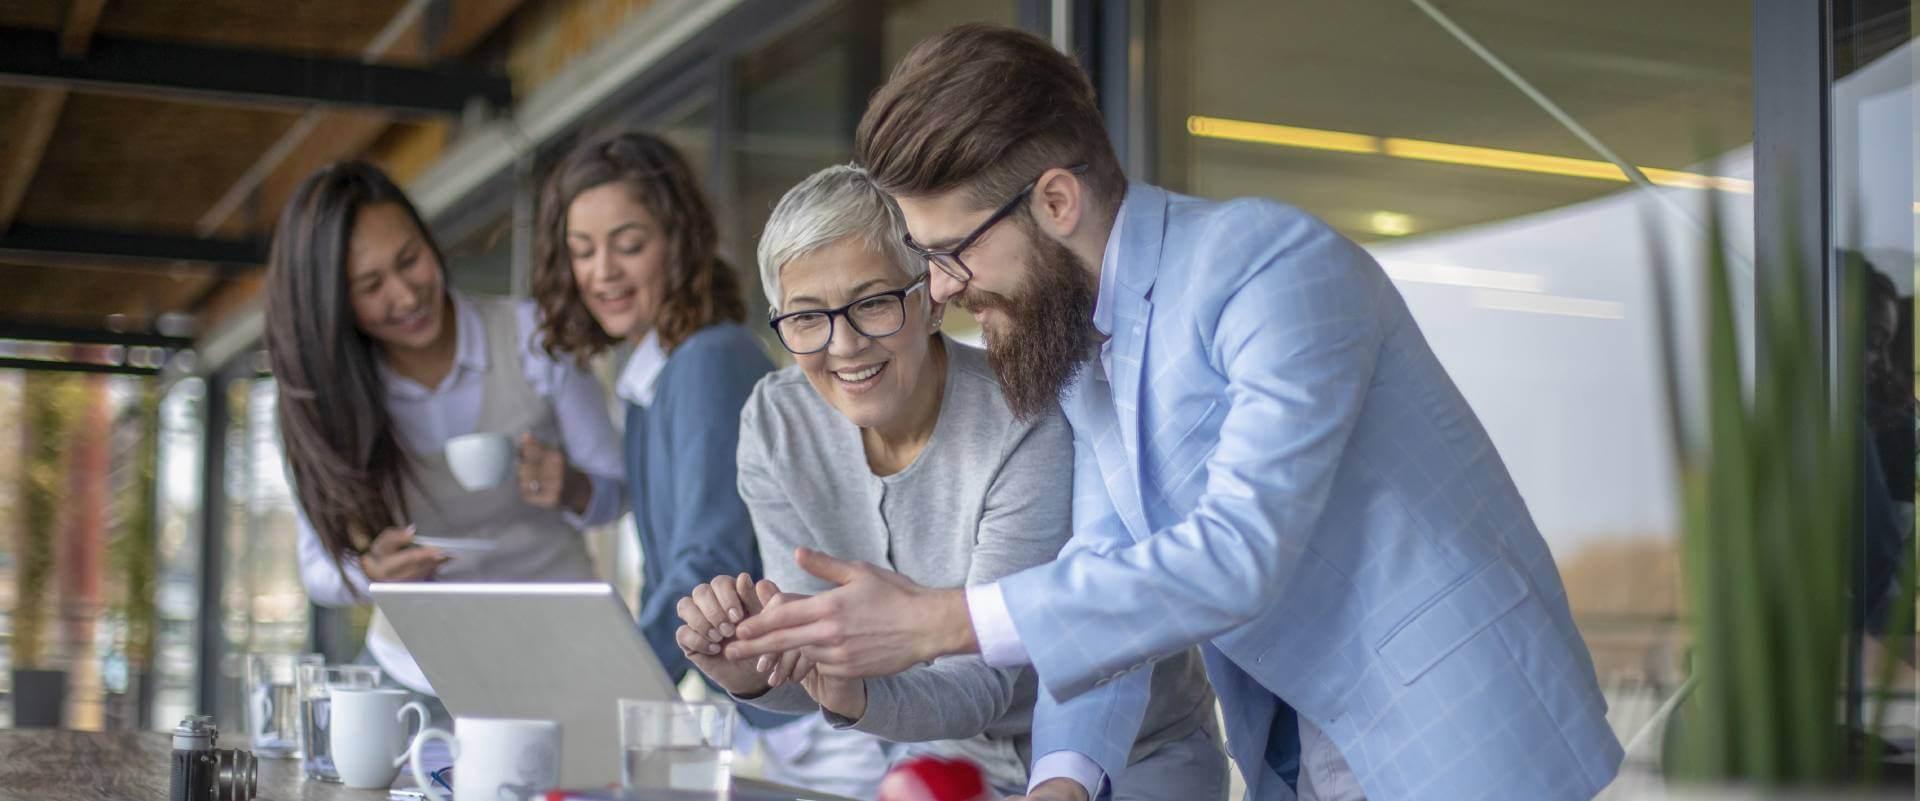 Permalink auf:Digitale Kommunikation & Webdesign – für Ihren Erfolg